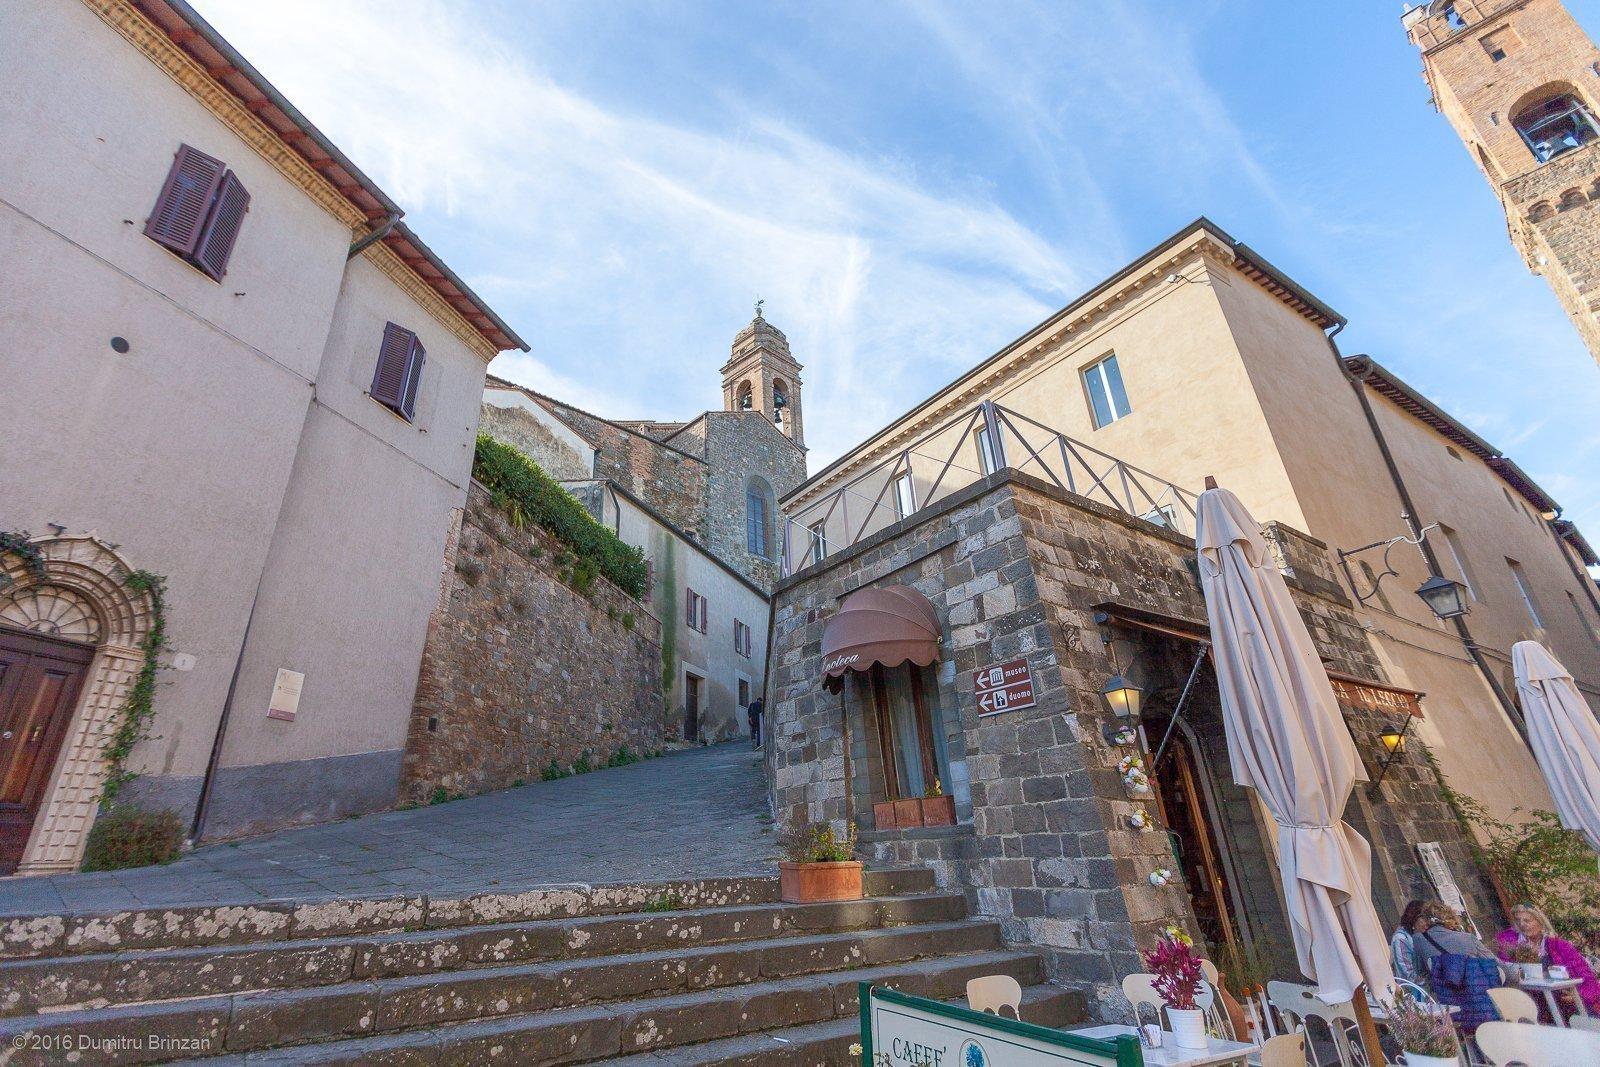 2016-montalcino-tuscany-italy-22